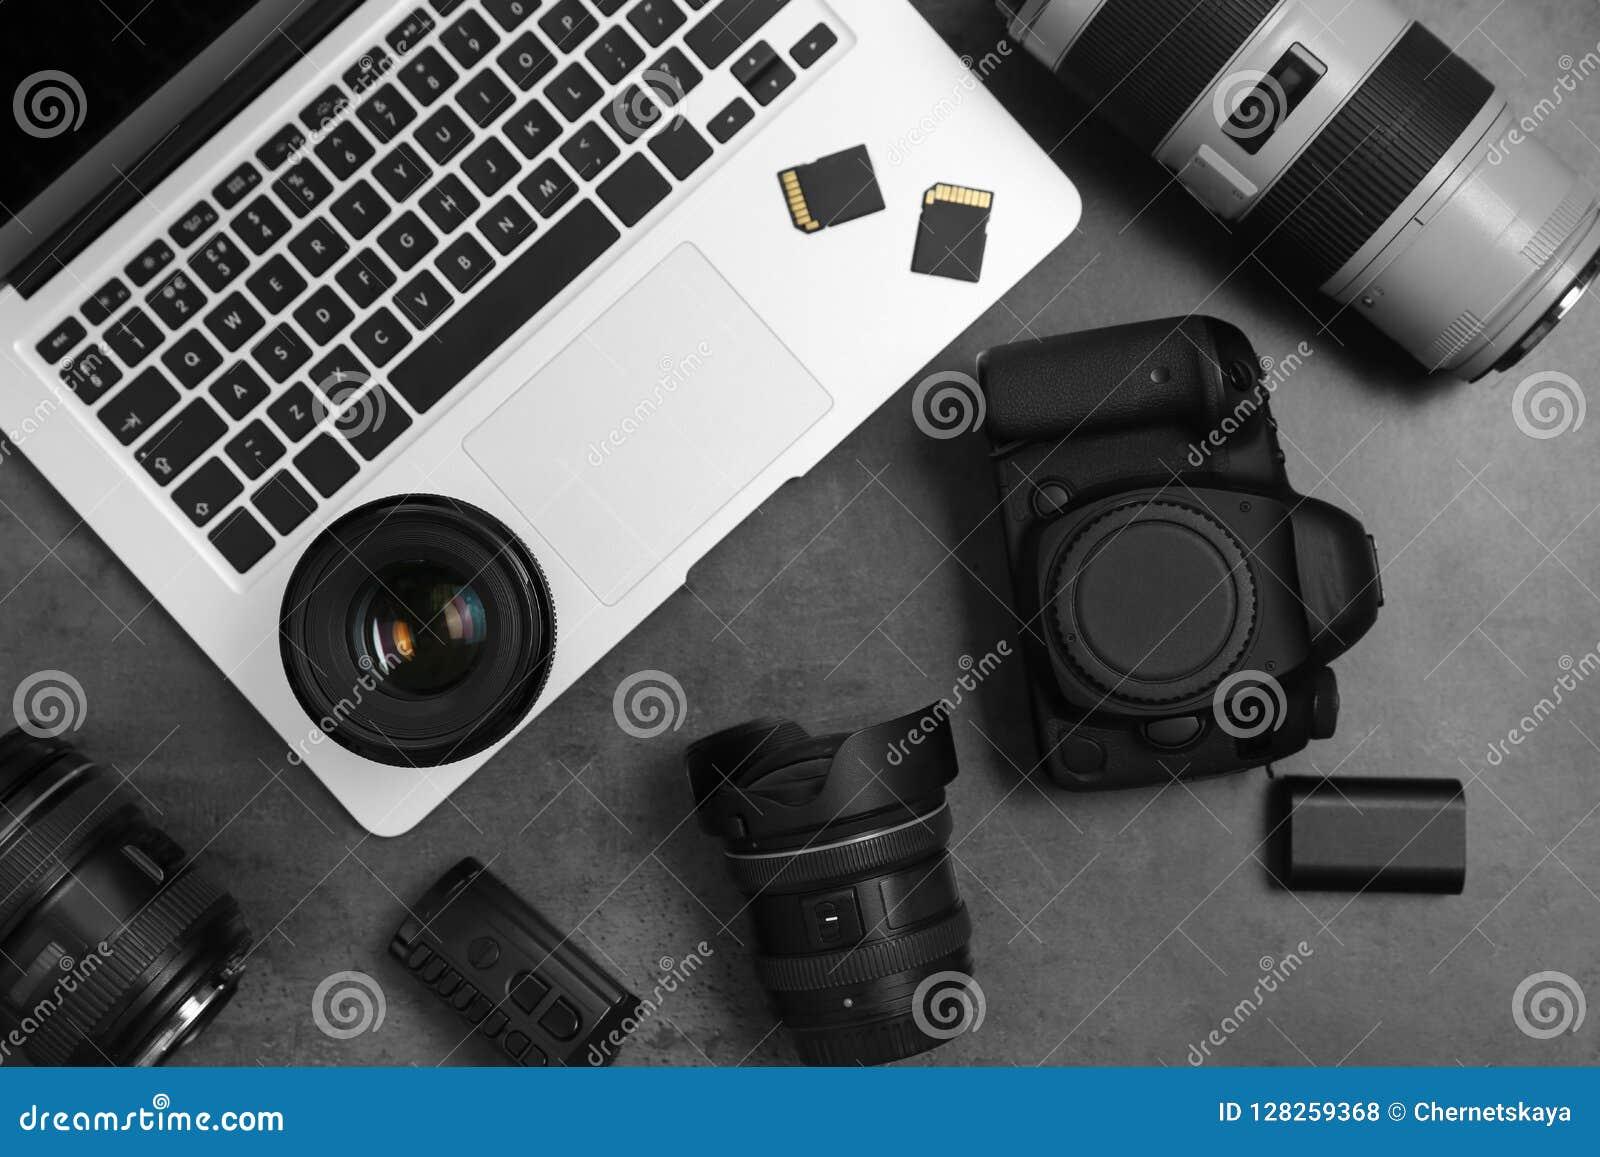 Professionele fotograafmateriaal en laptop op grijze achtergrond